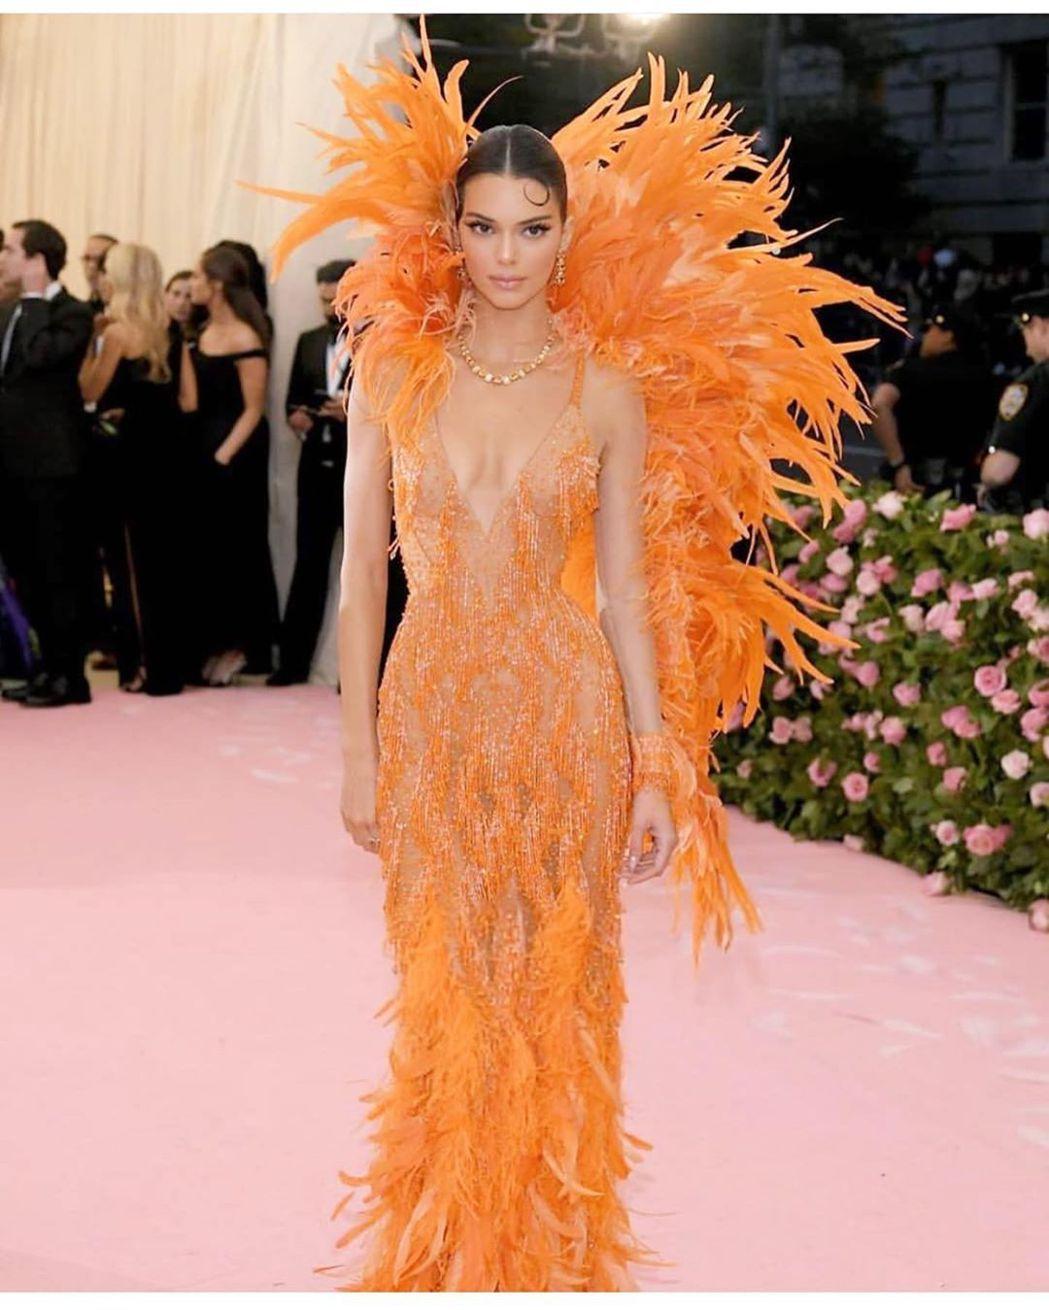 大秀羽毛元素造型的還有穿Versace的超模坎達爾珍娜。圖/摘自IG